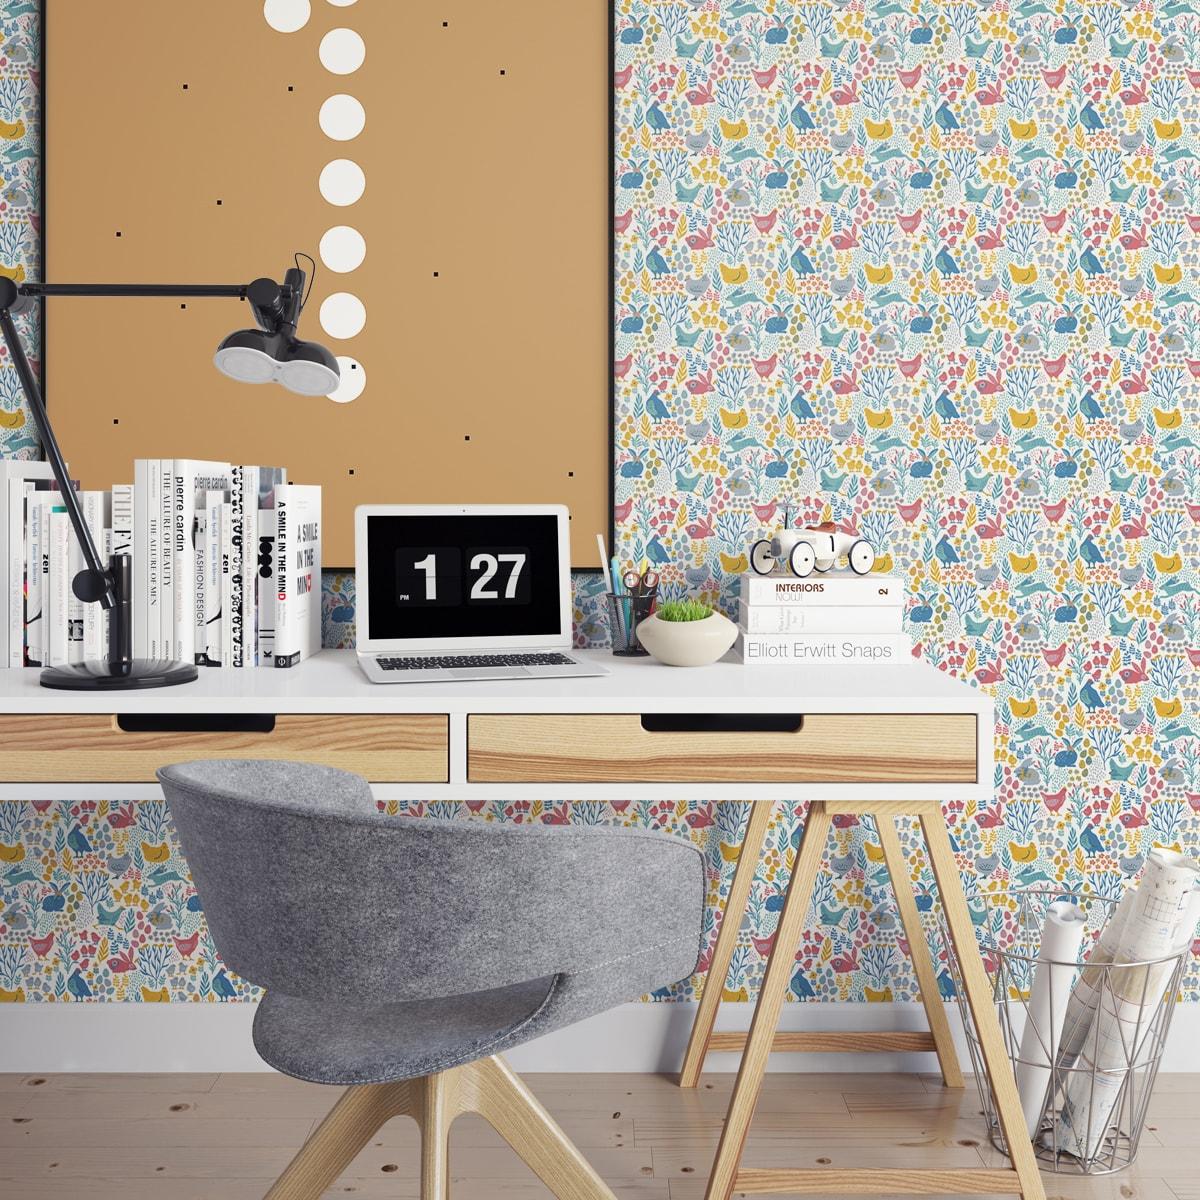 """Wandtapete gelb: Design Tapete """"Hoppelgarten"""" mit bunten Hühnern, Hasen & Blumen Land Vliestapete Wandgestaltung"""